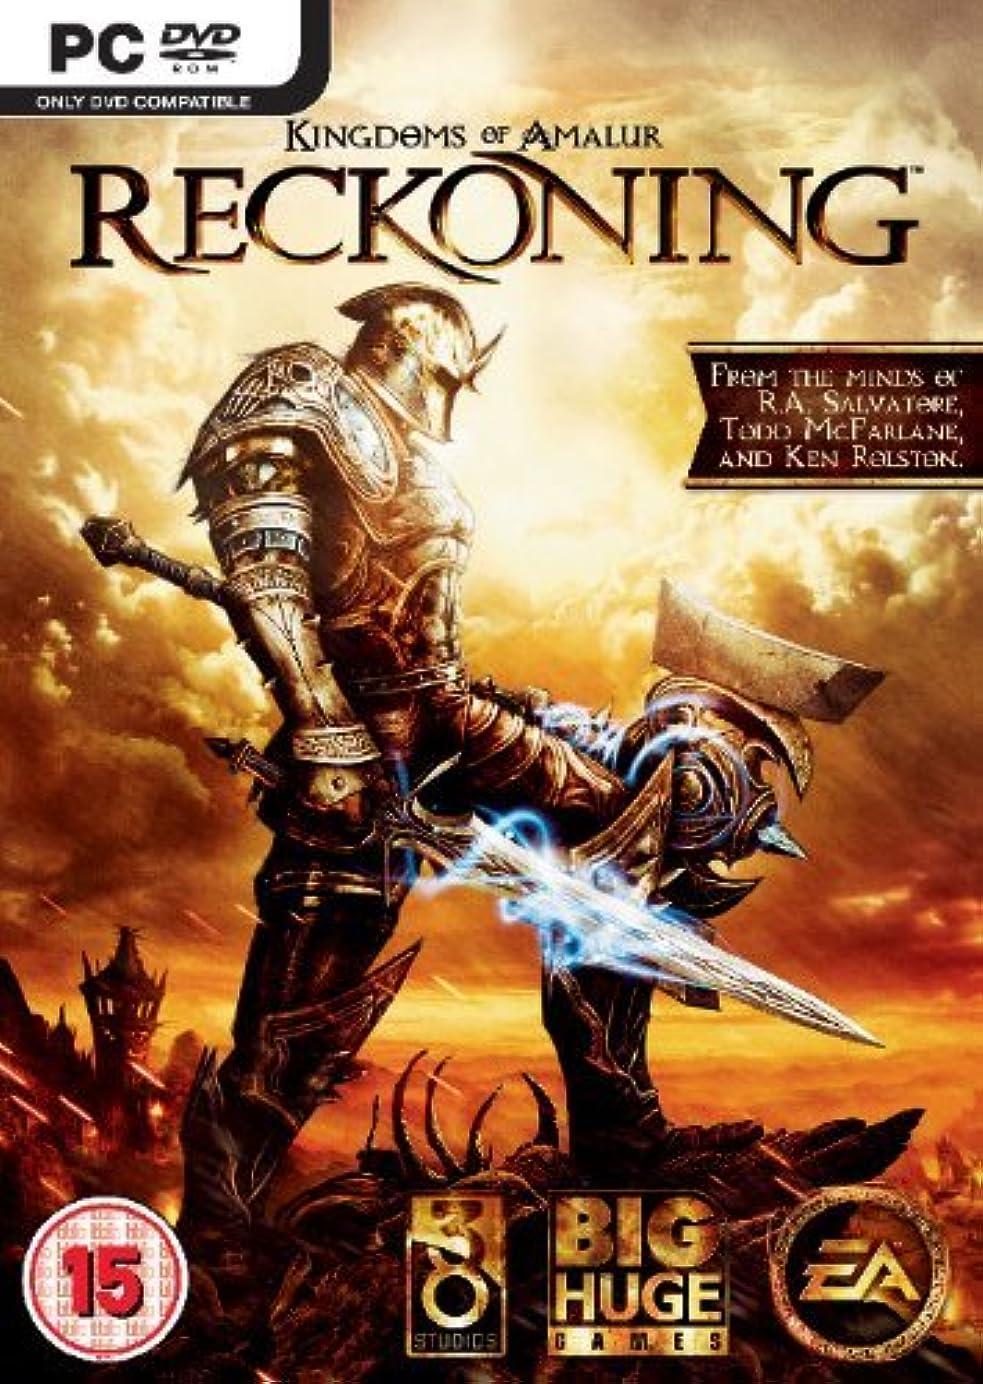 温帯カストディアン放棄Kingdoms of Amalur: Reckoning (PC DVD) (輸入版)